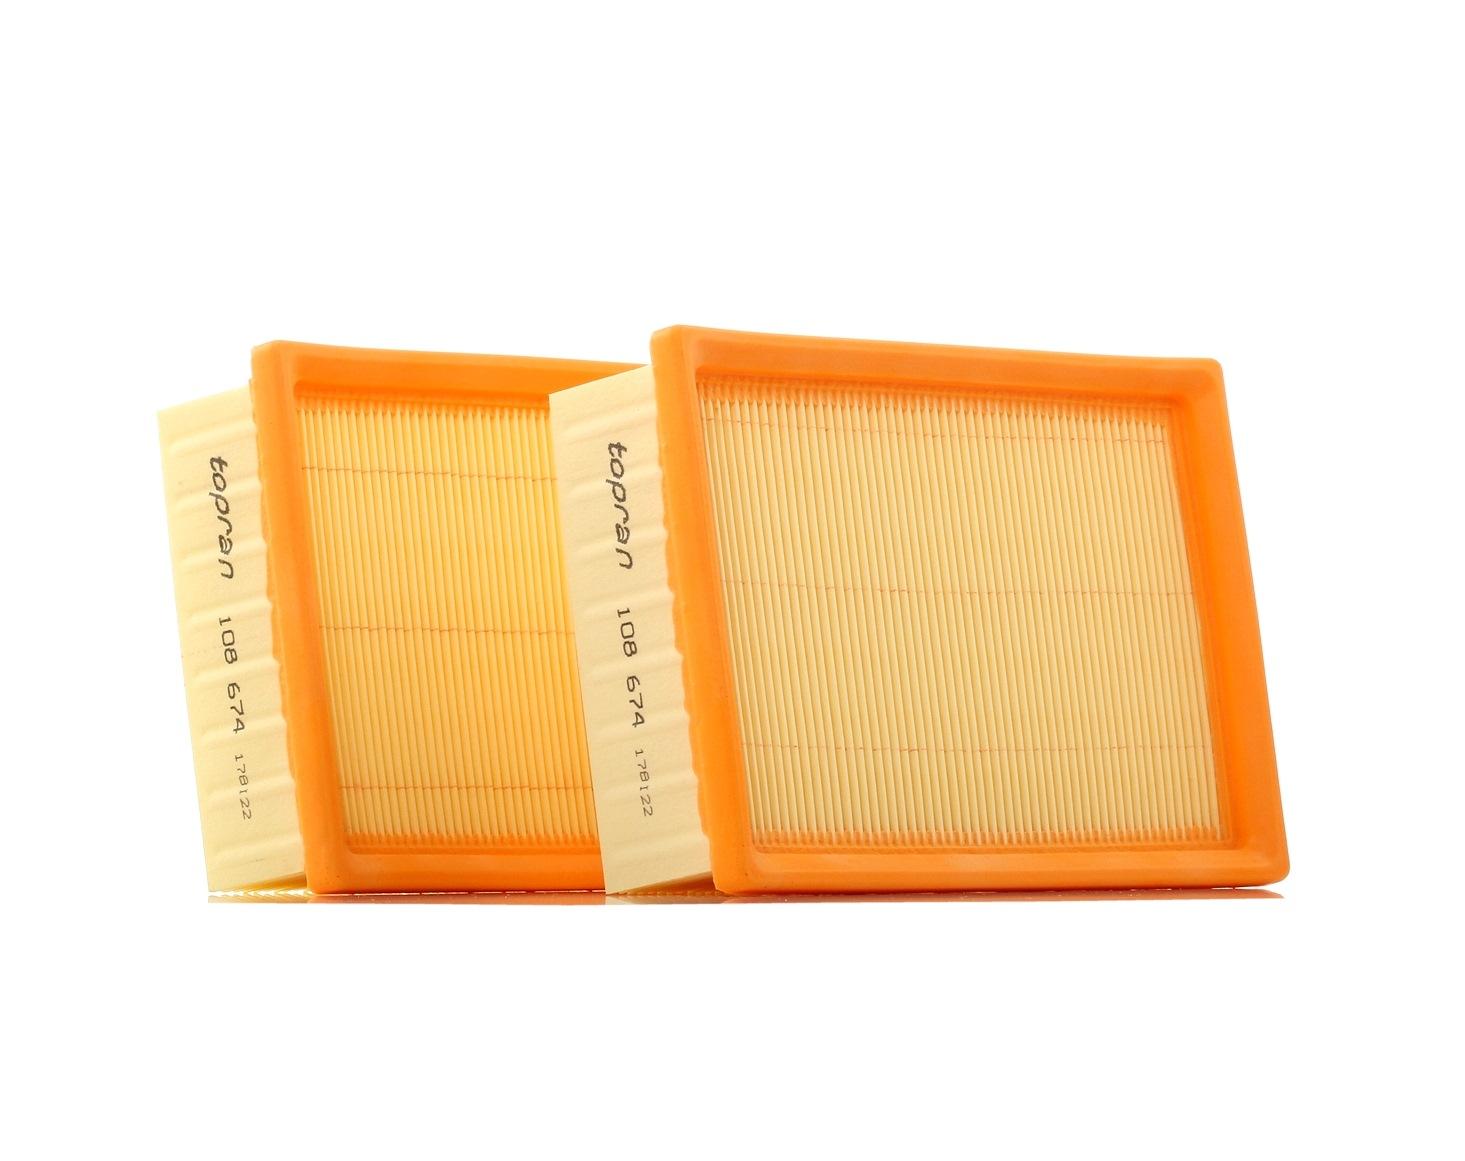 Zracni filter 108 674 TOPRAN - samo novi deli